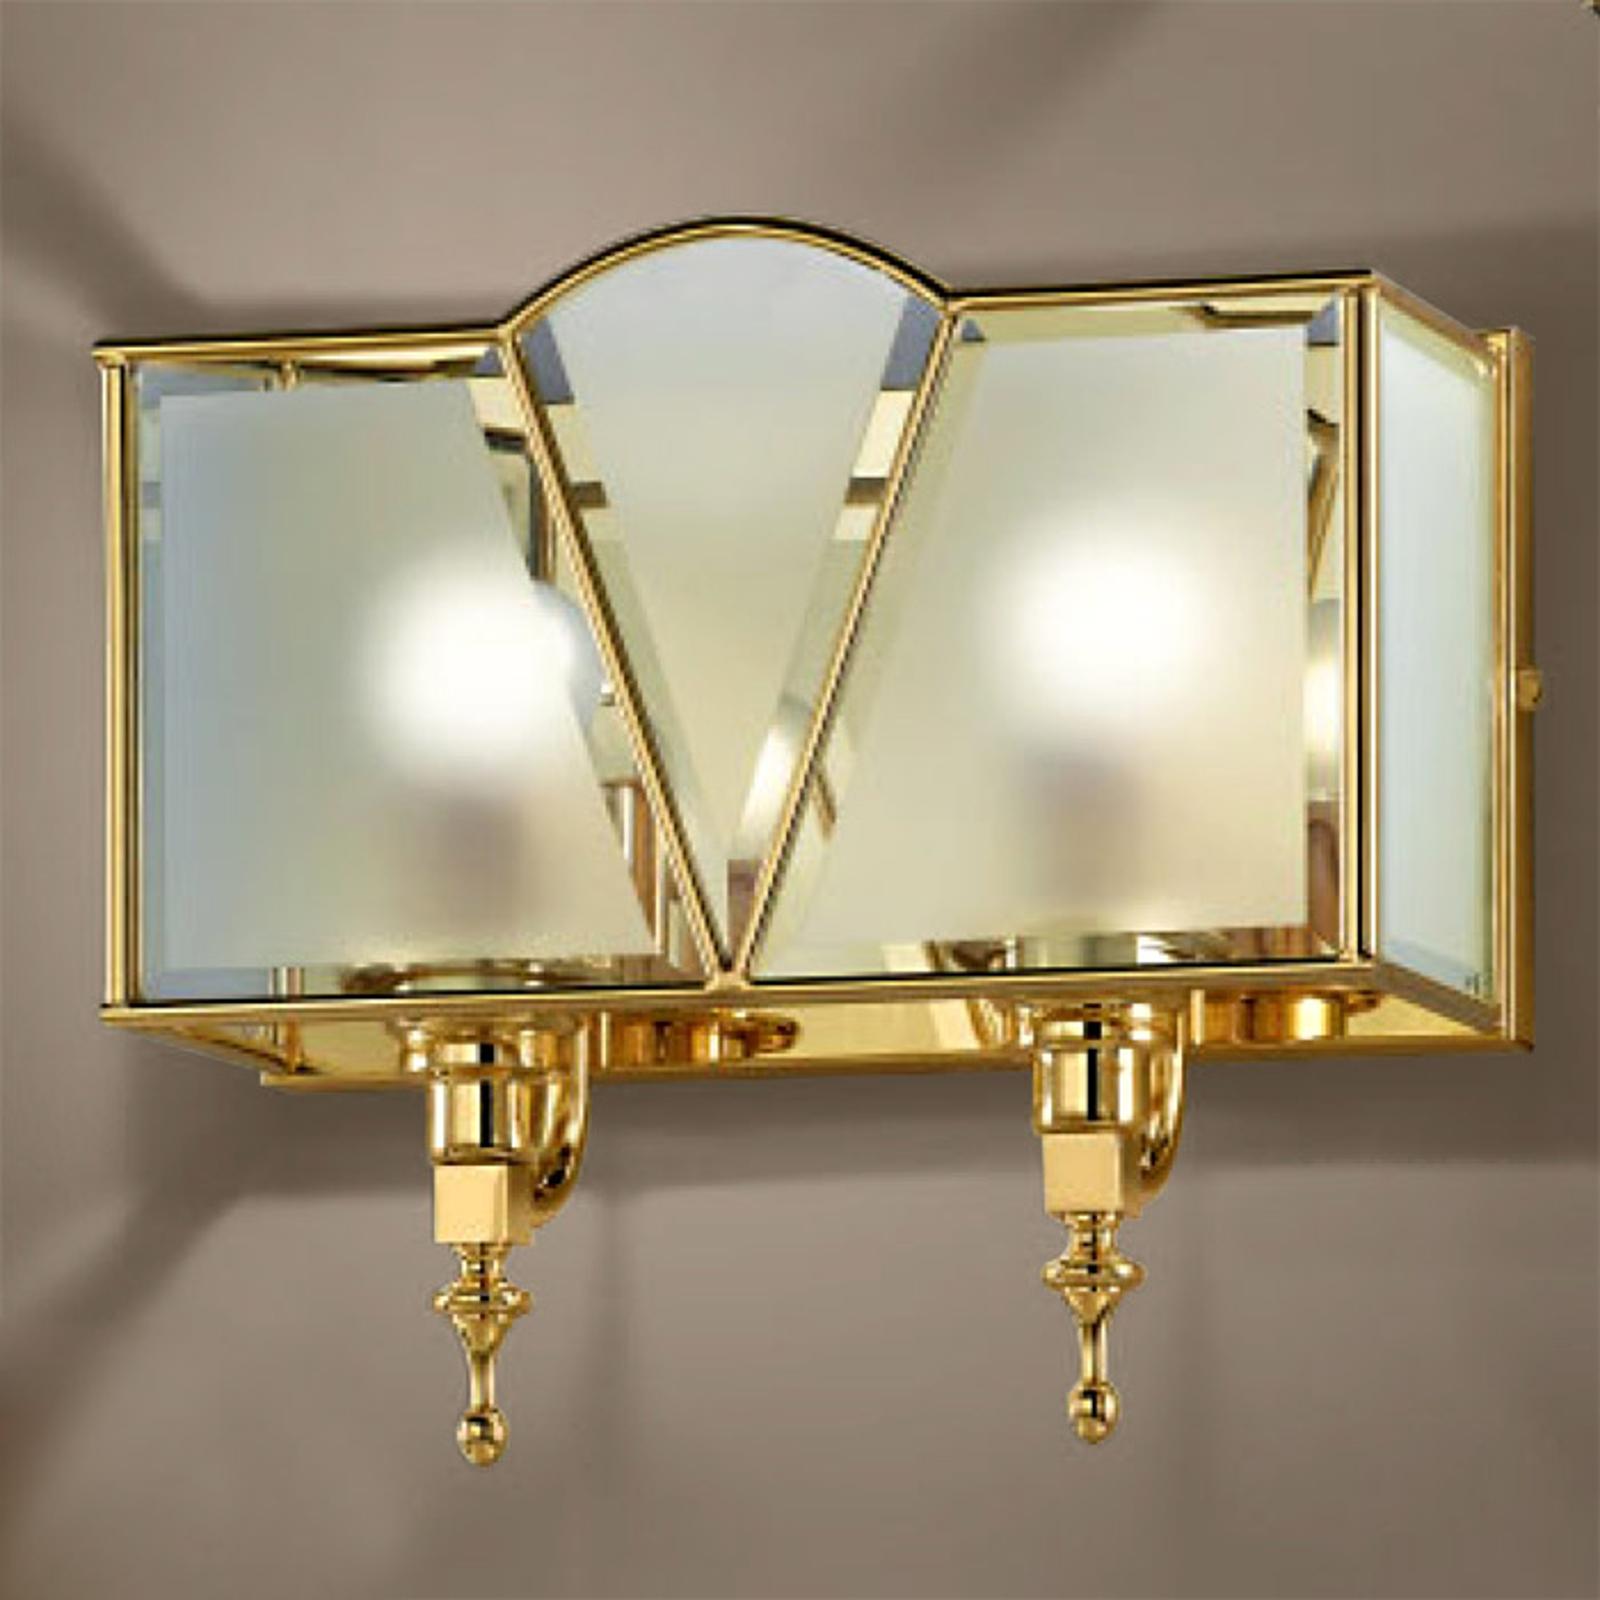 Applique agréable Classic doré à 2 lampes